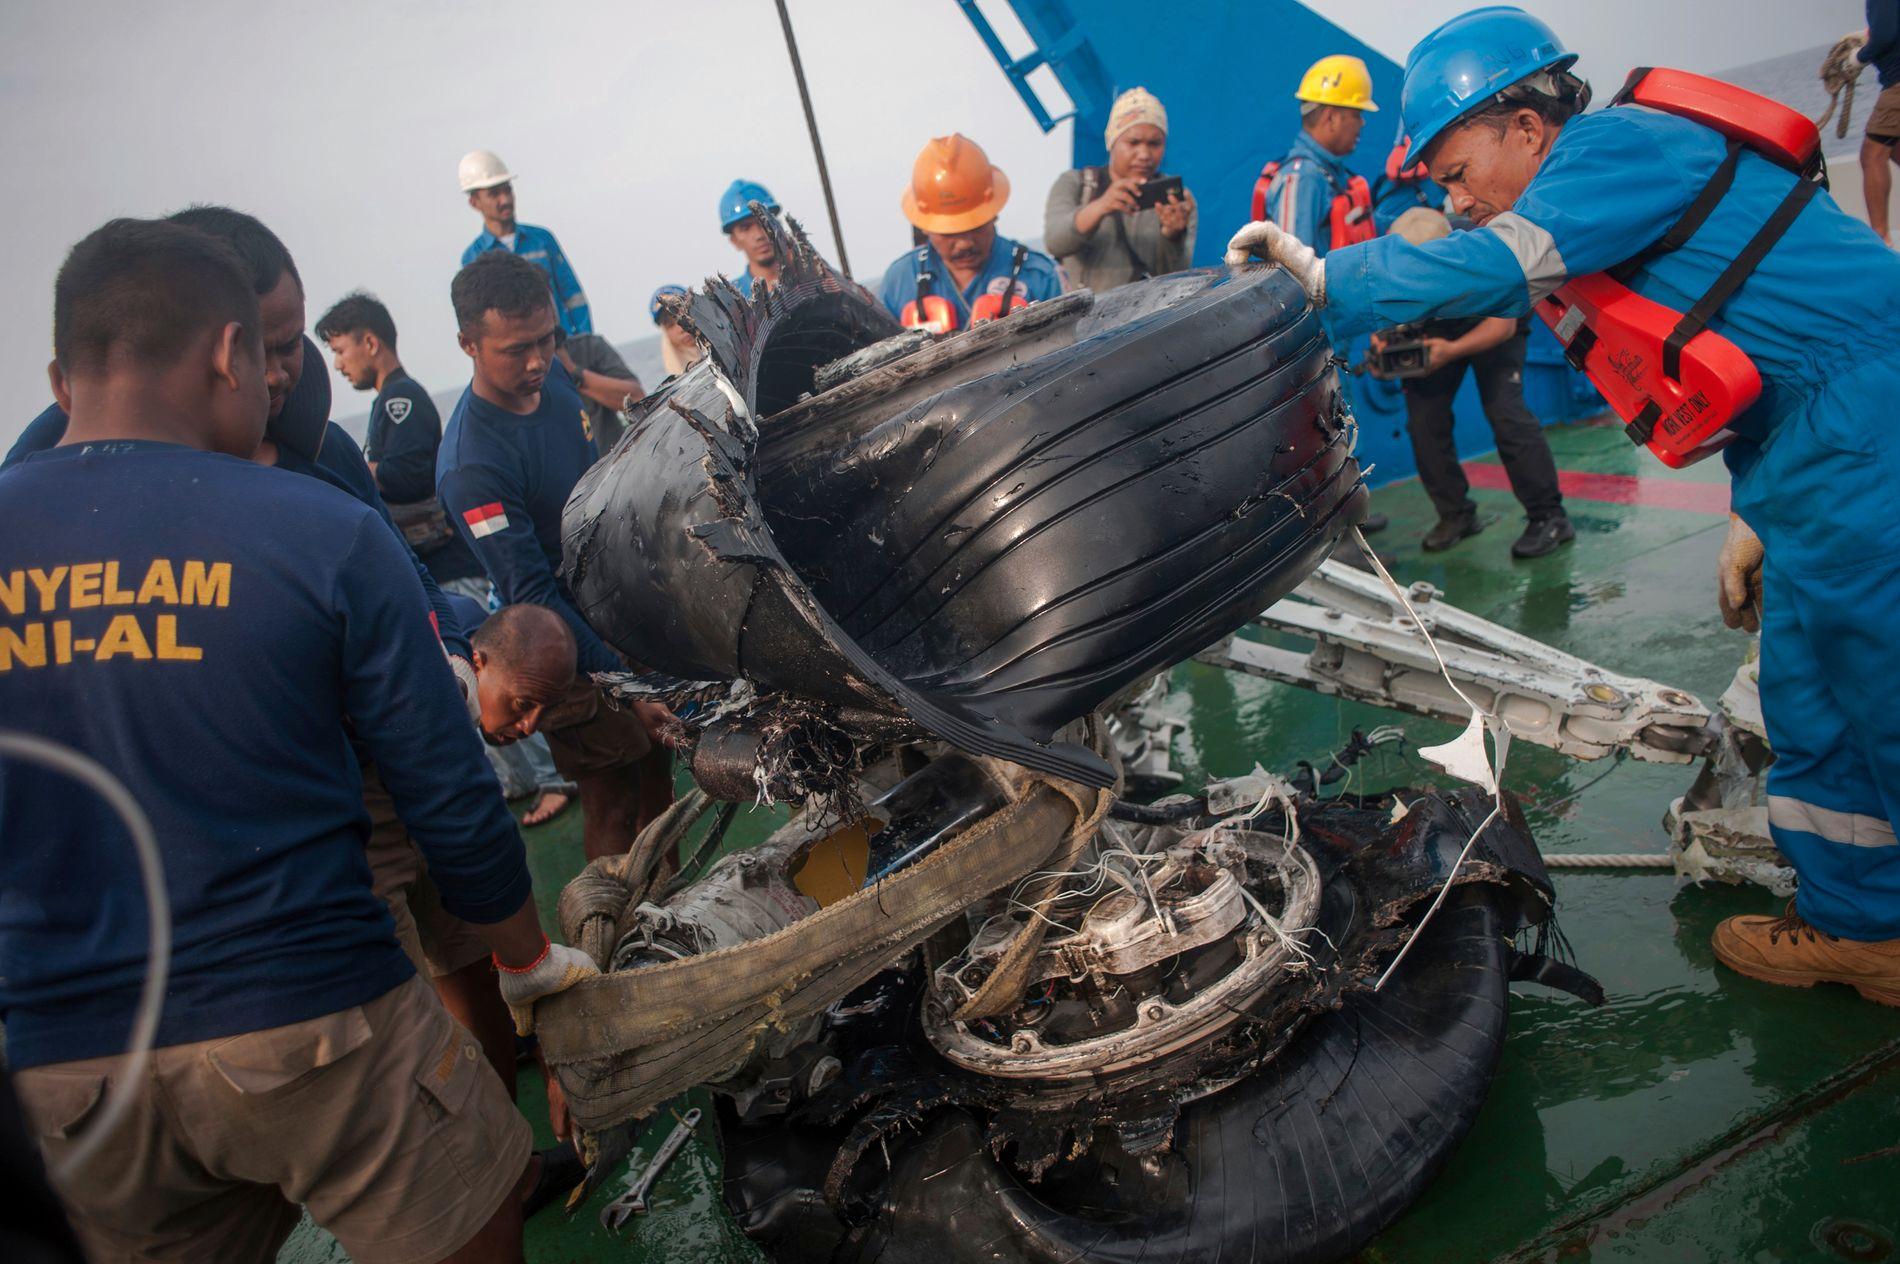 STYRTET: 189 personer mistet livet da flyet styrtet i havet utenfor øya Java 29. oktober i år.